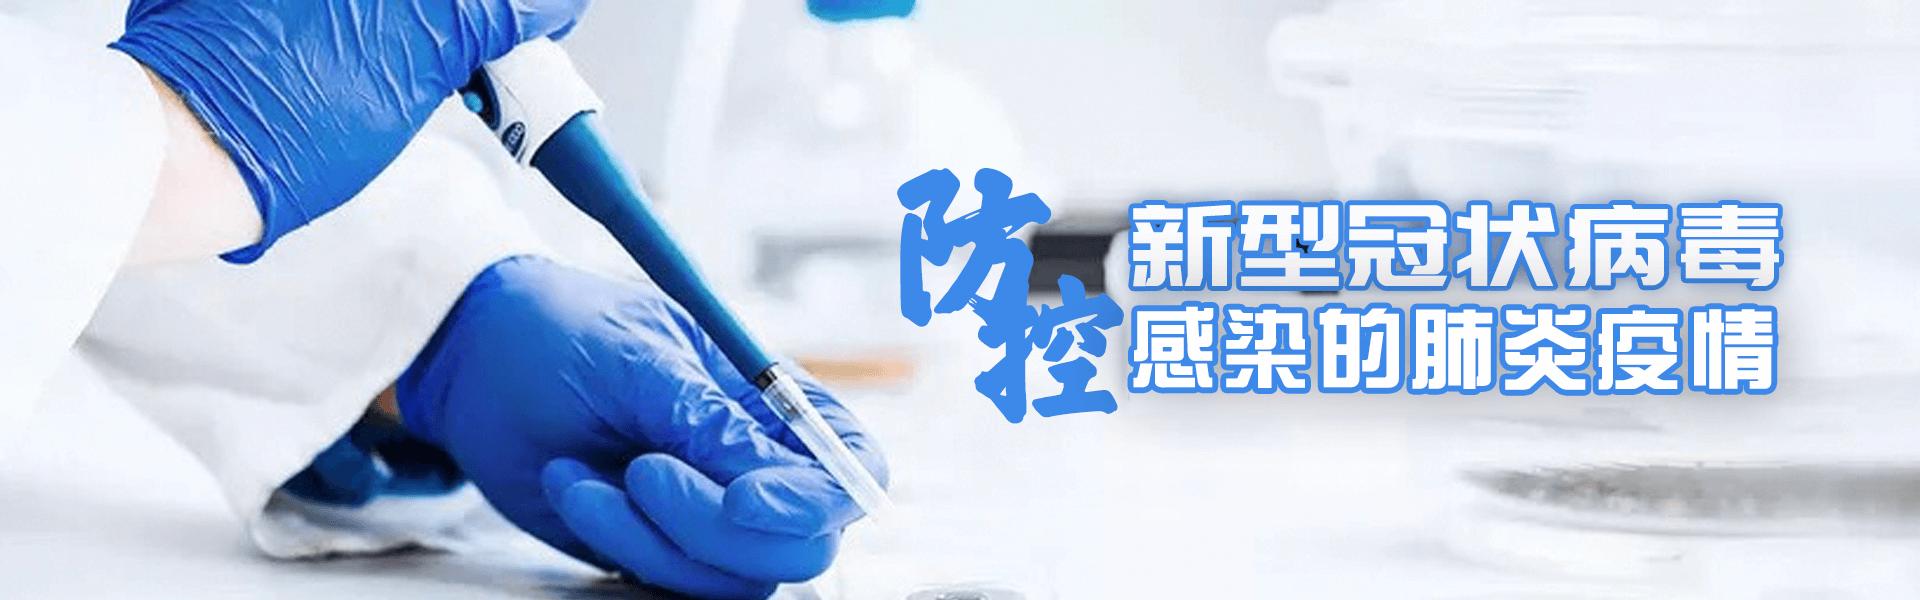 专栏 | 防控新型冠状病毒肺炎疫情